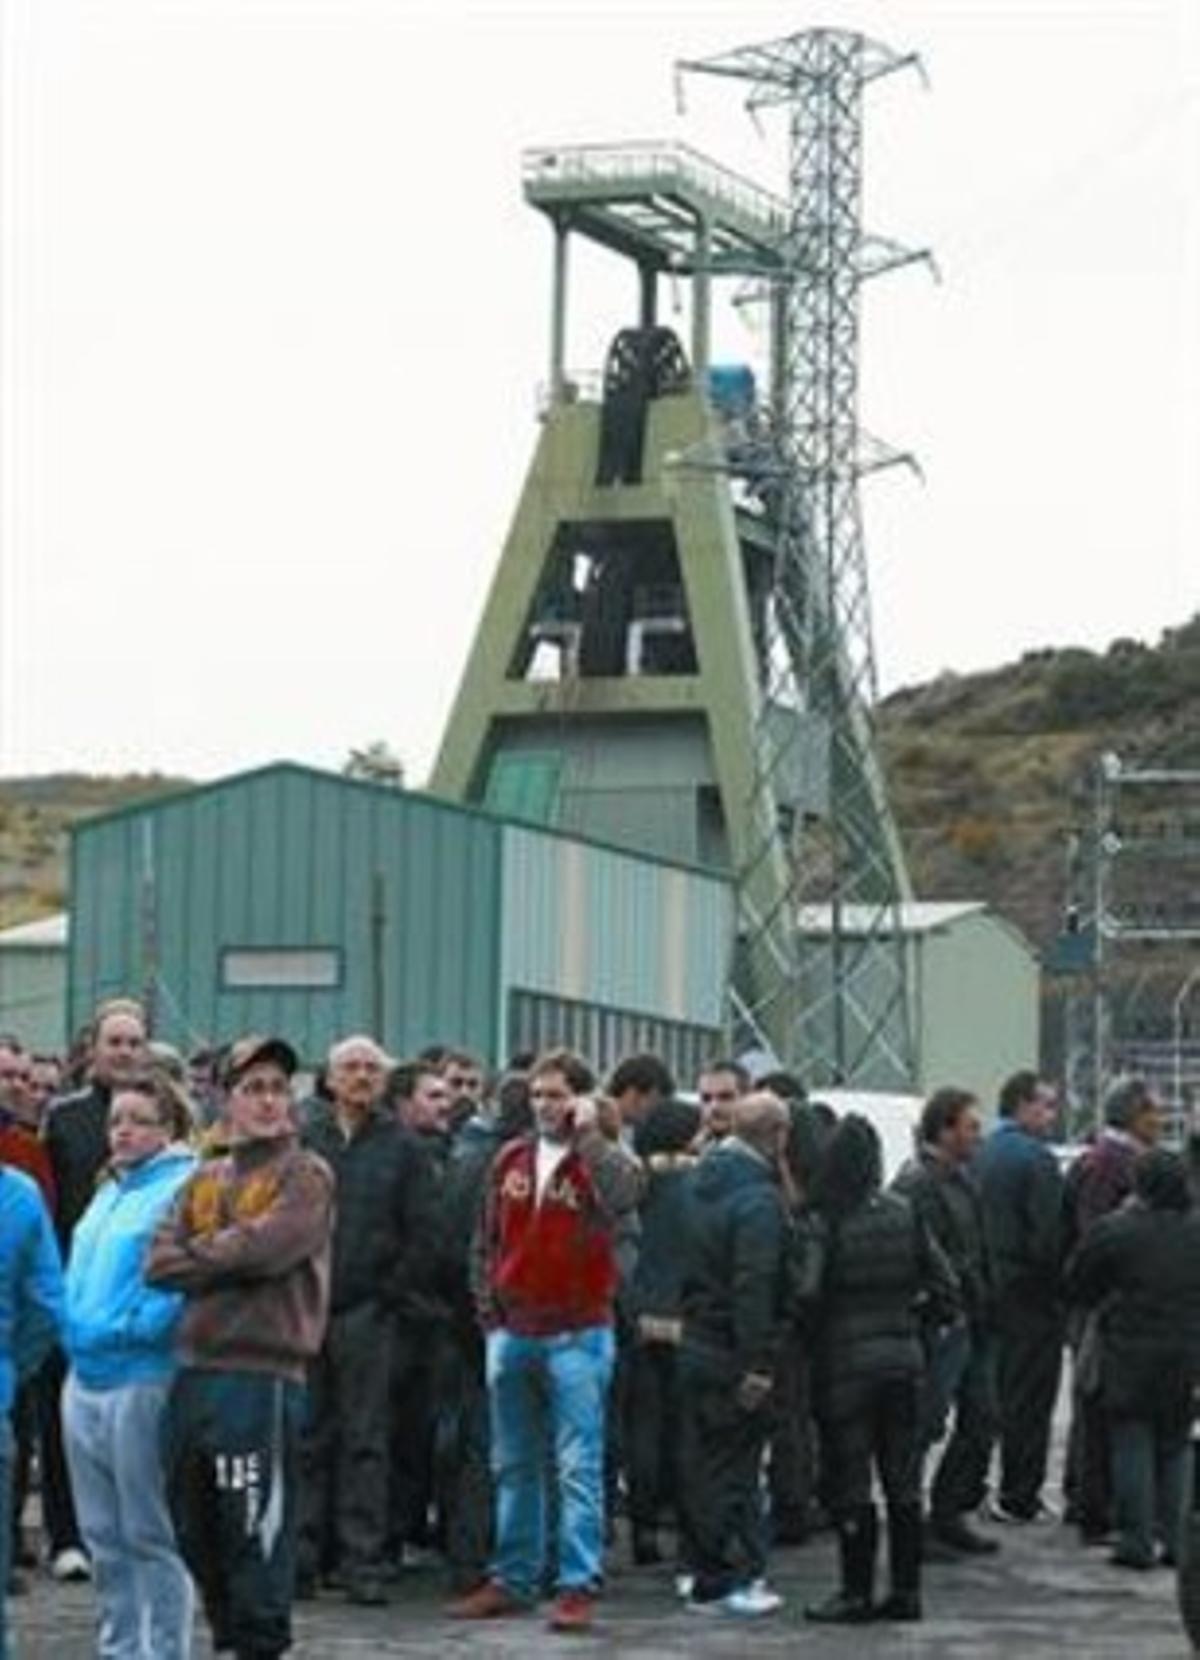 Compañeros, familiares, amigos y vecinos de las víctimas, reunidos en la mina de León, ayer.